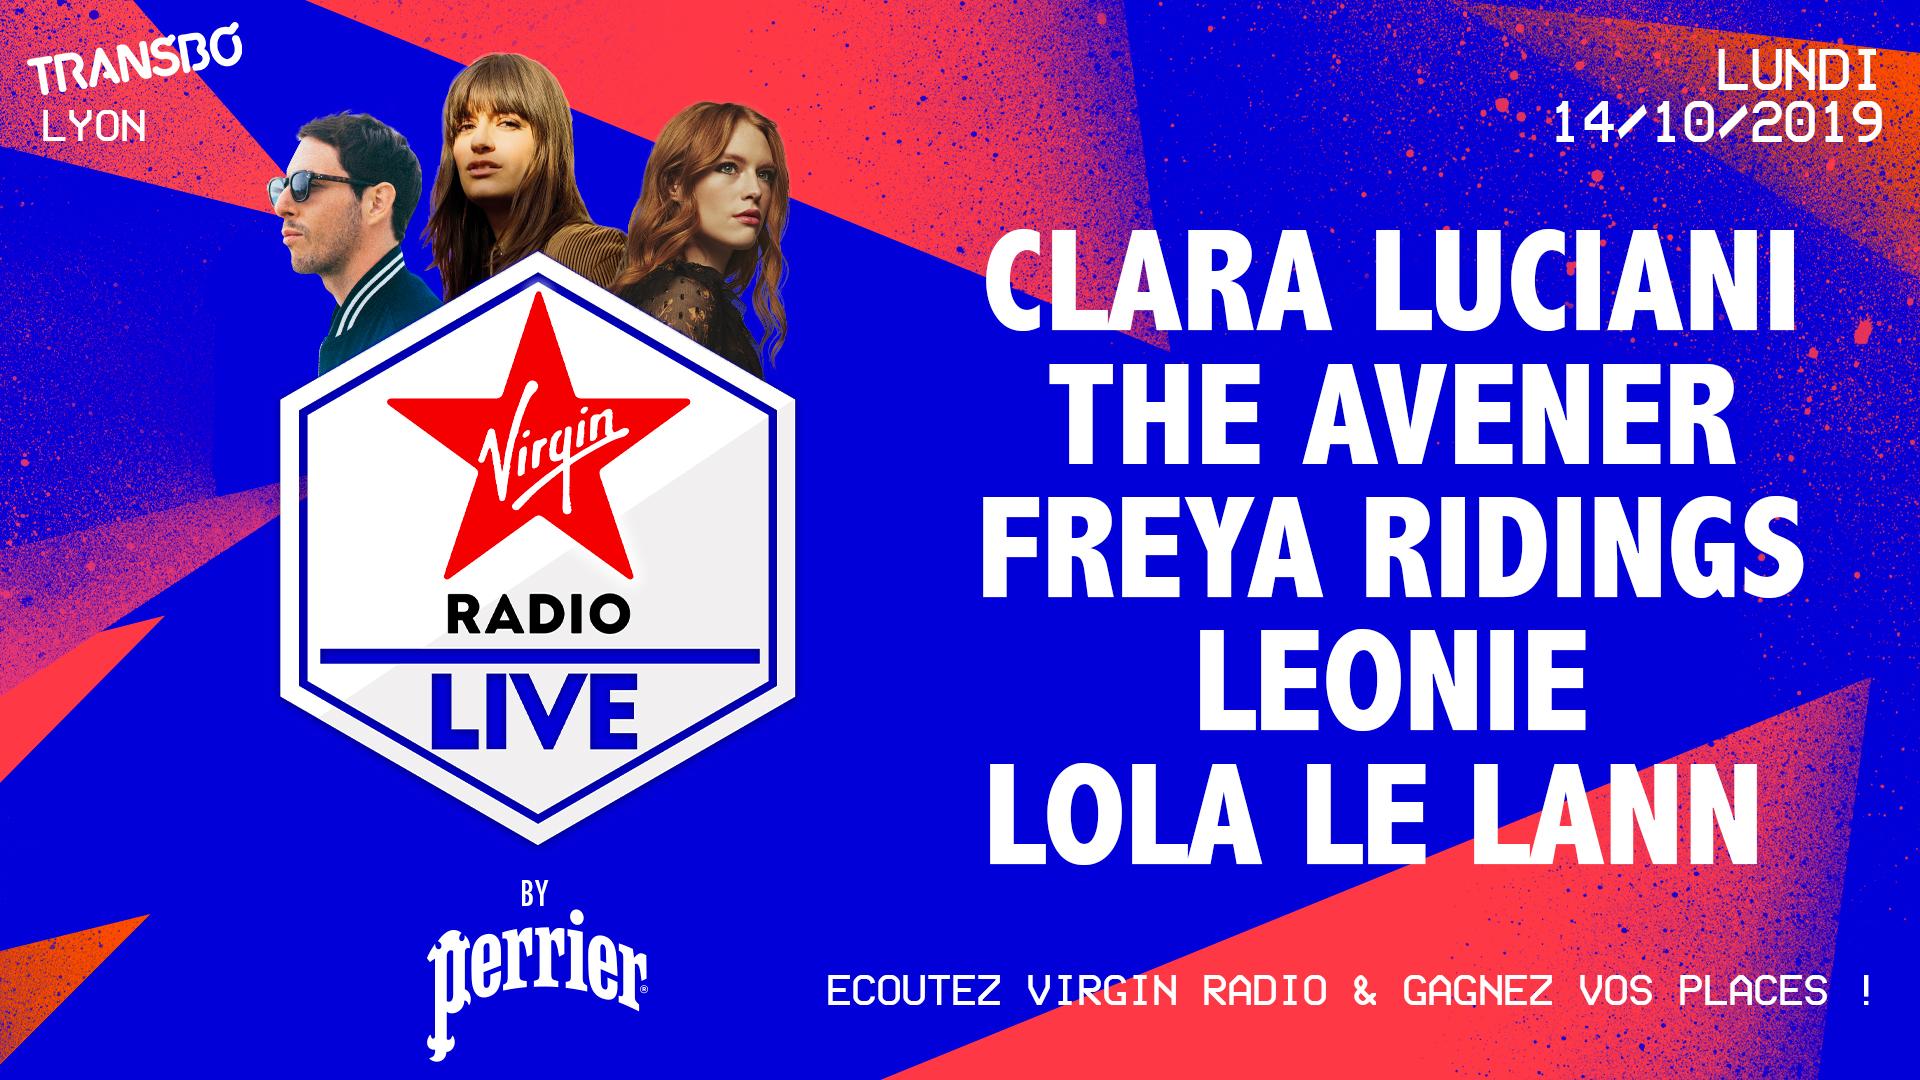 Virgin Radio Live le 14 octobre 2019 au Transbordeur